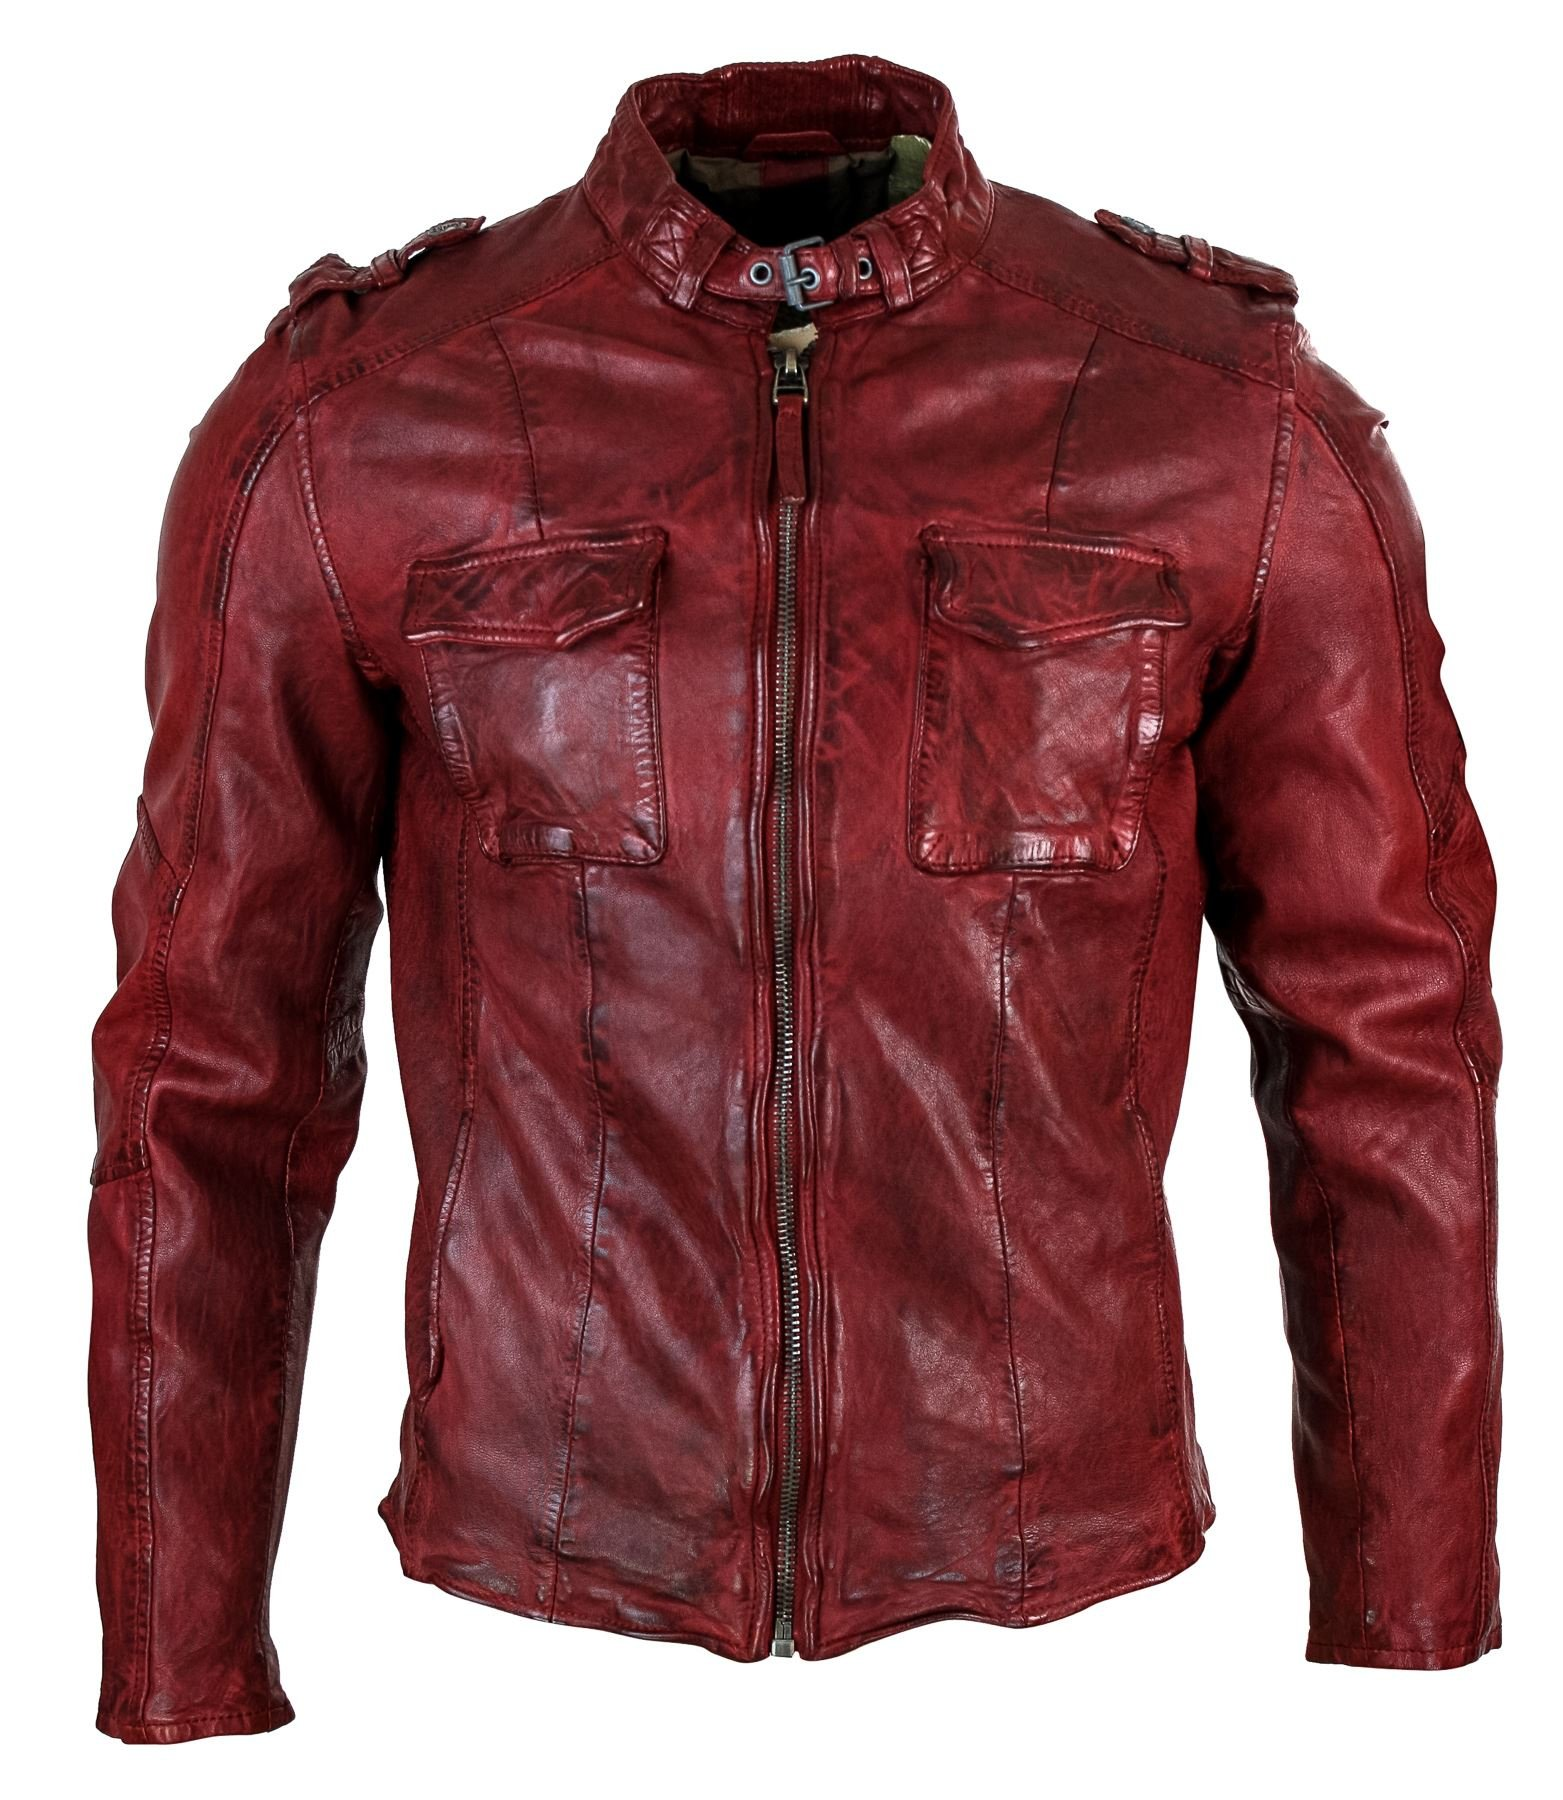 Mens Vintage Washed Genuine Leather Short Zipped Biker Jacket Casual Slim Fit